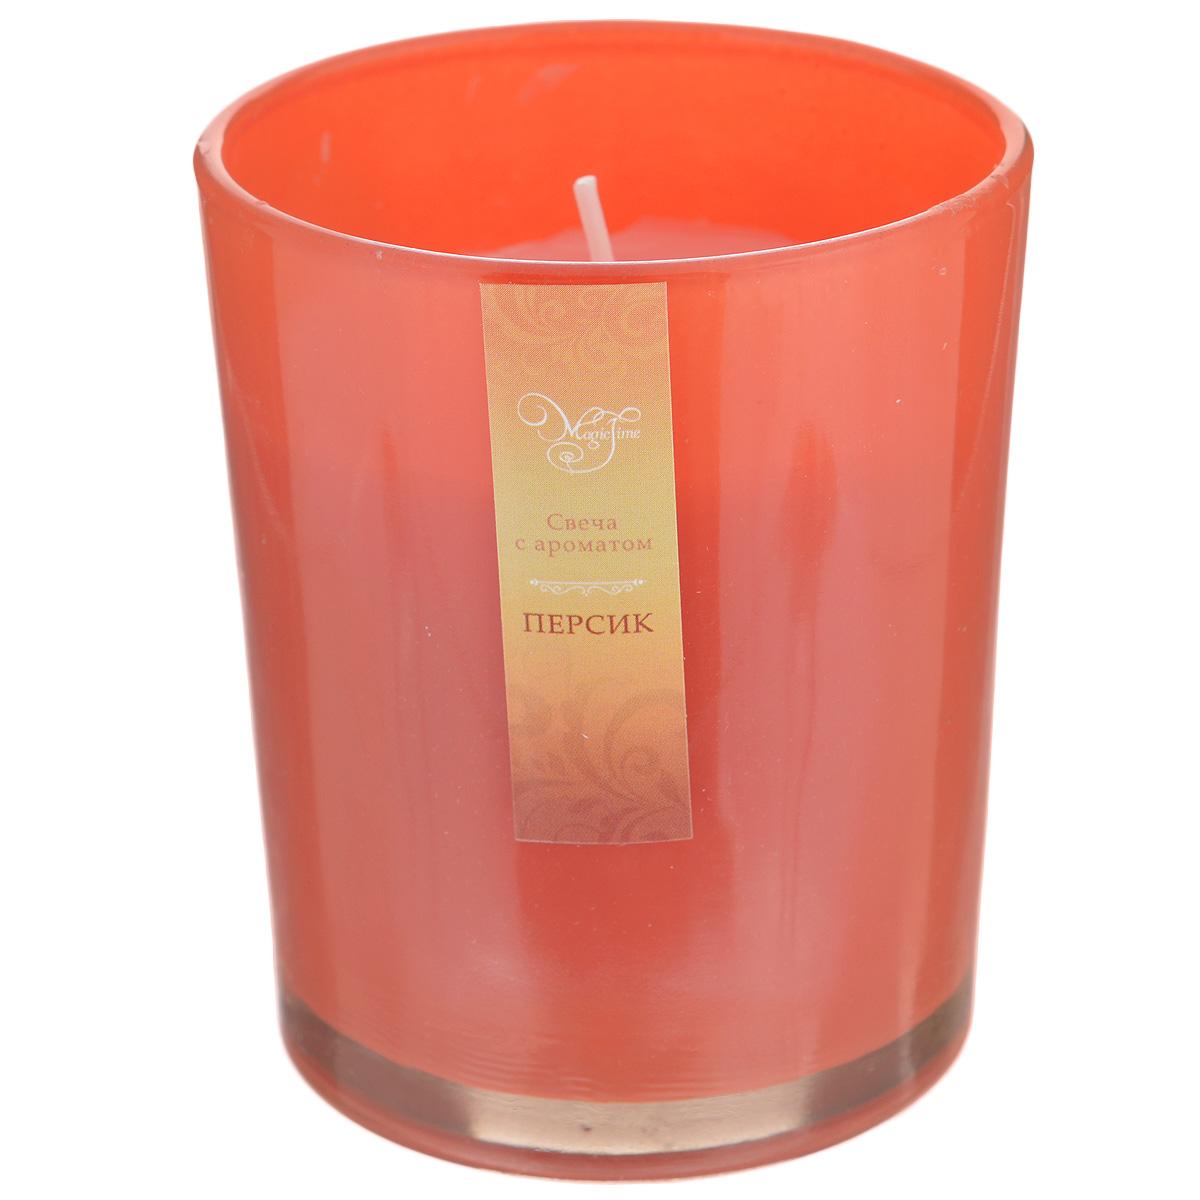 Свеча декоративная Феникс-презент Персик, ароматизированная842467Оригинальная ароматизированная свеча Феникс-презент Персик, изготовленная из парафина, помещена в стакан из матового стекла. Свеча наполнит вашу комнату приятным фруктовым ароматом и создаст в ней уютную атмосферу. Вы можете поставить свечу в любом месте, где она будет удачно смотреться и радовать глаз. Кроме того, эта свеча - отличный вариант подарка для ваших близких и друзей.